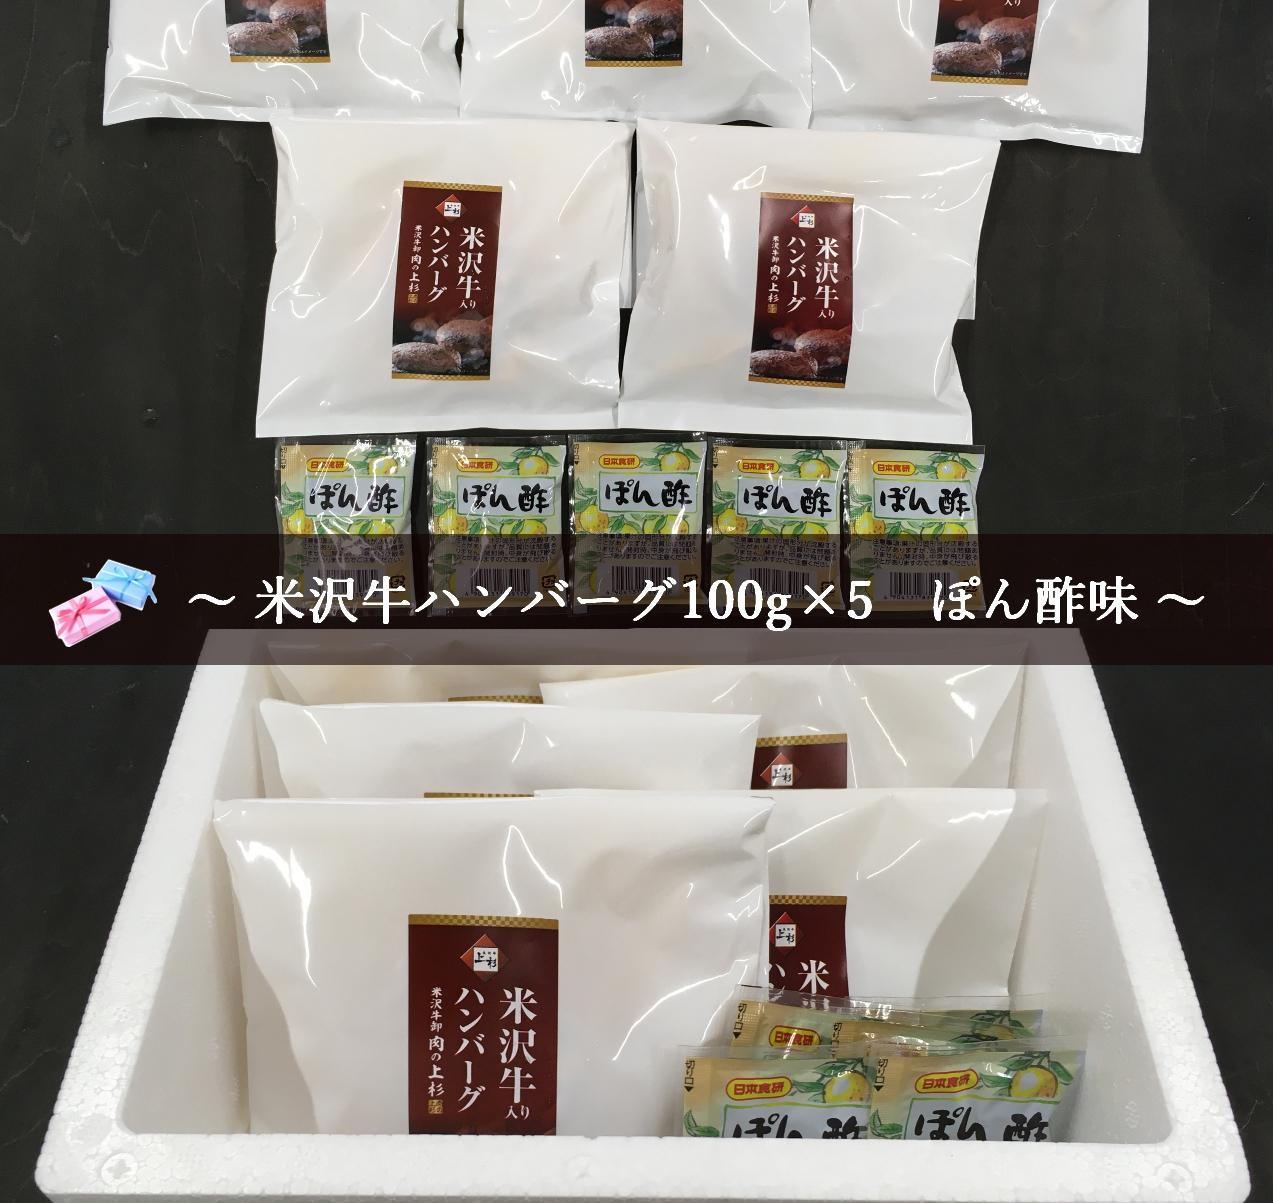 [特製梱包/送料無料] 米沢牛合挽ハンバーグ 特製ぽん酢 (100g×5個+ぽん酢たれ5袋)  ギフト用化粧箱画像